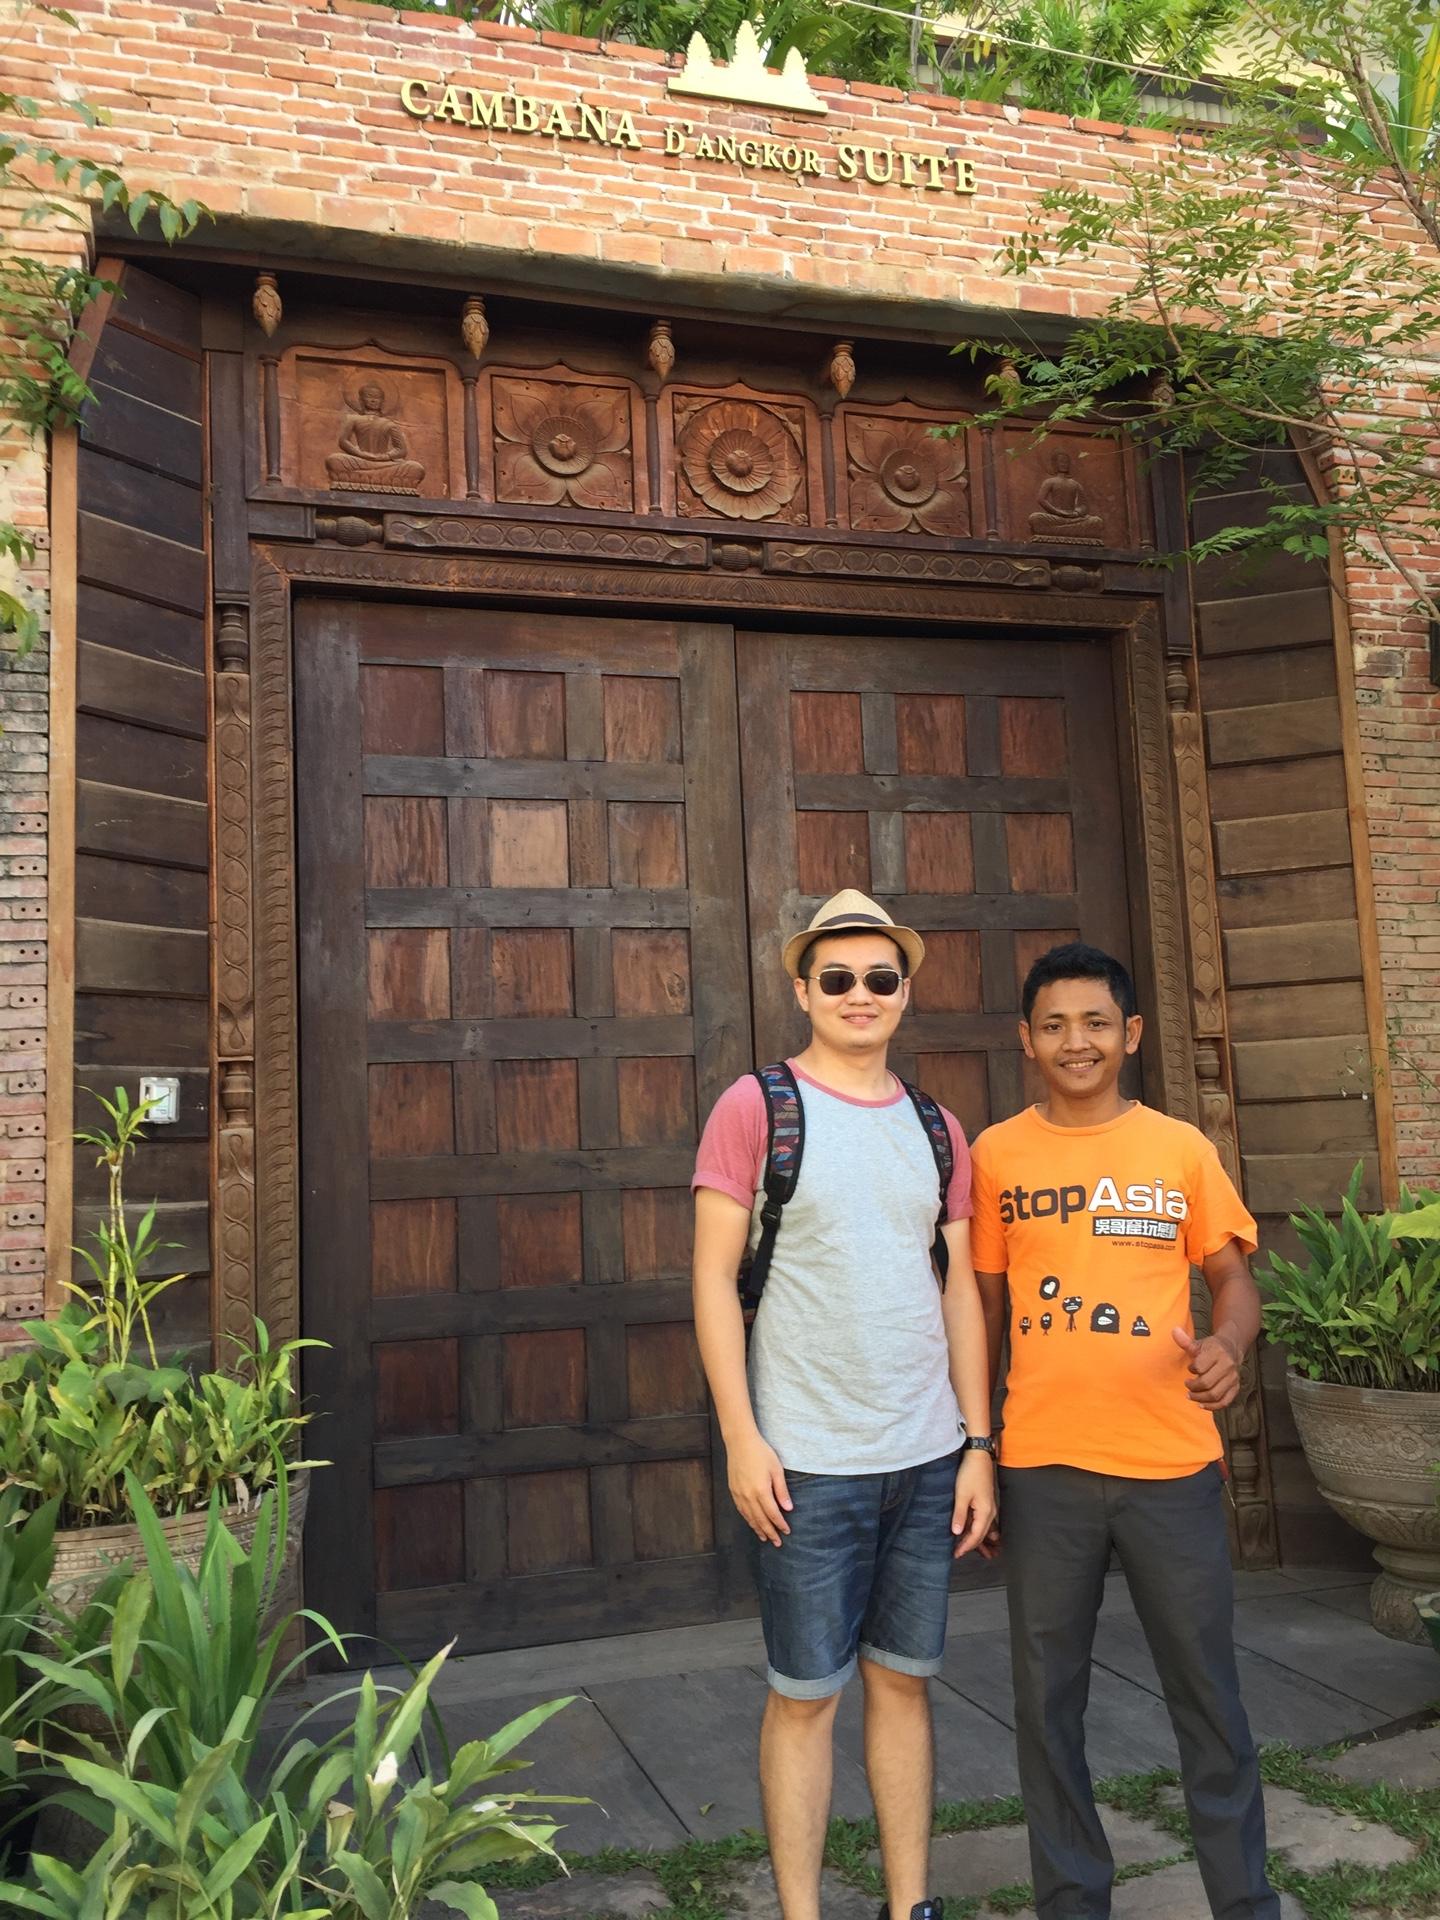 Cambana d'Angkor Suite